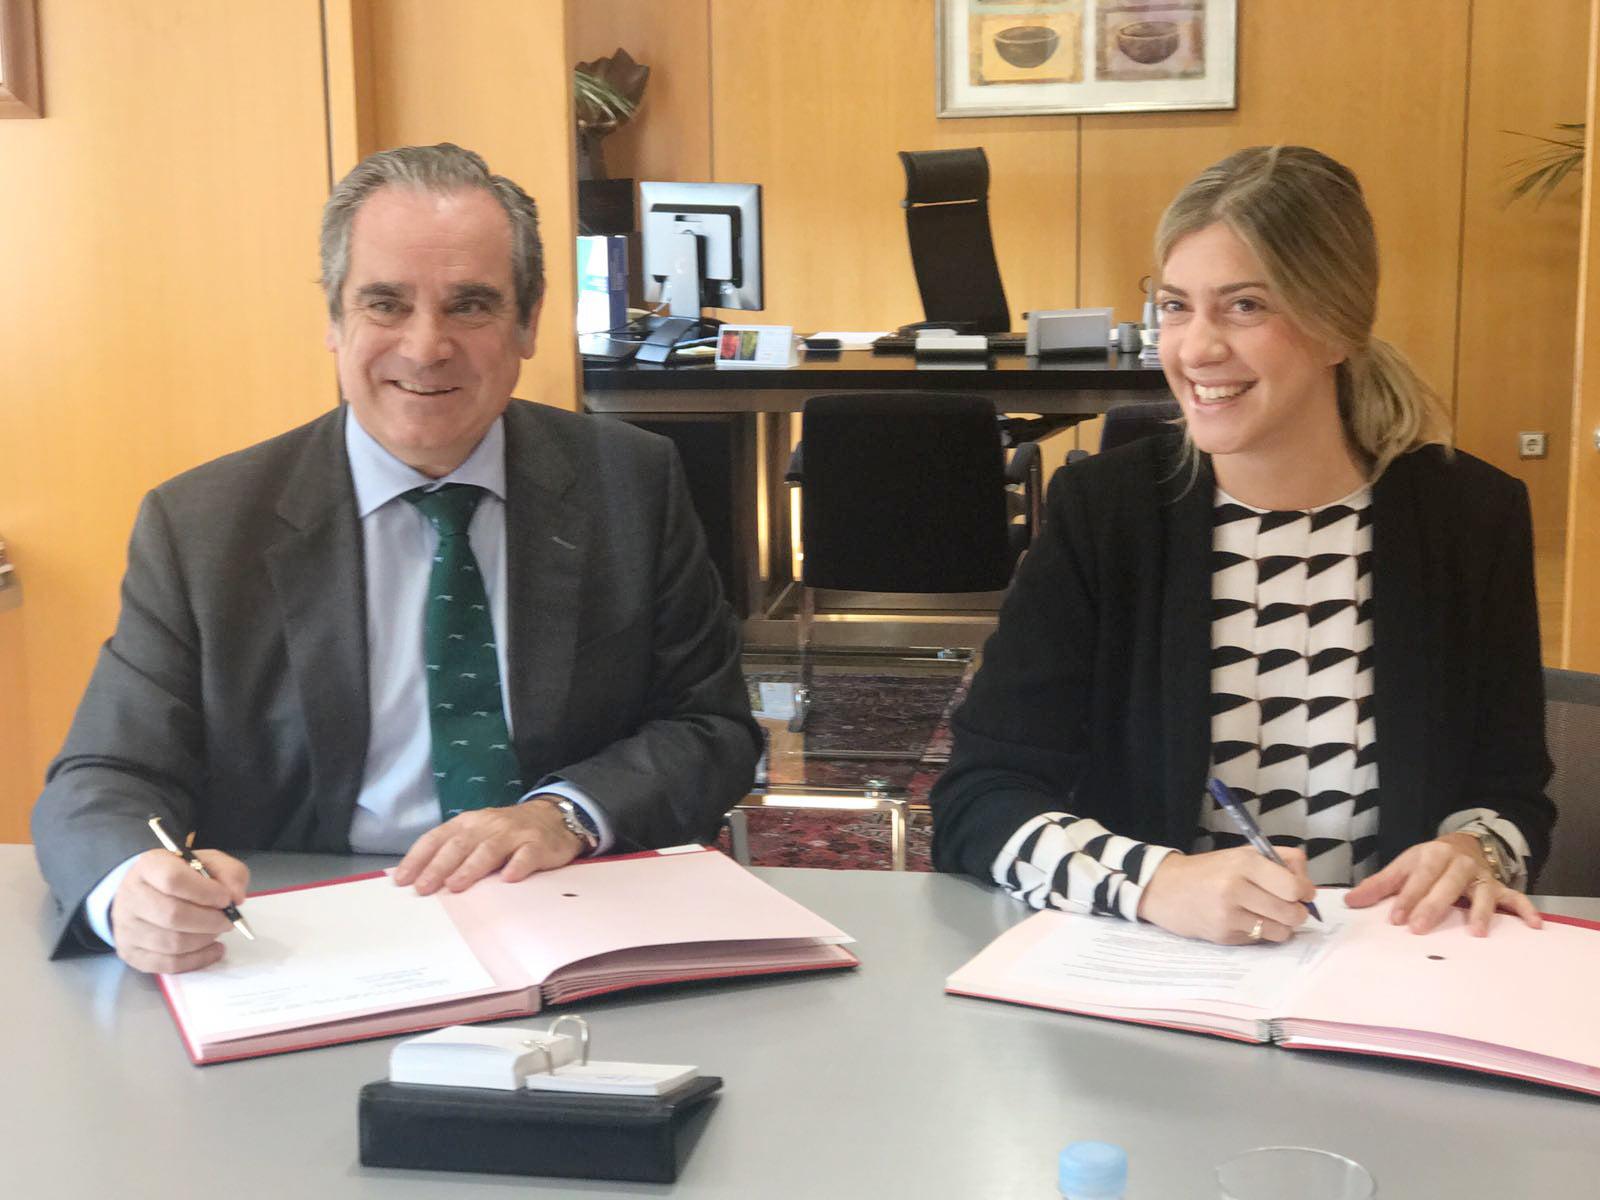 Consejos de tu farmacéutico yel CGCOF firman un acuerdo parapromover la educación en salud